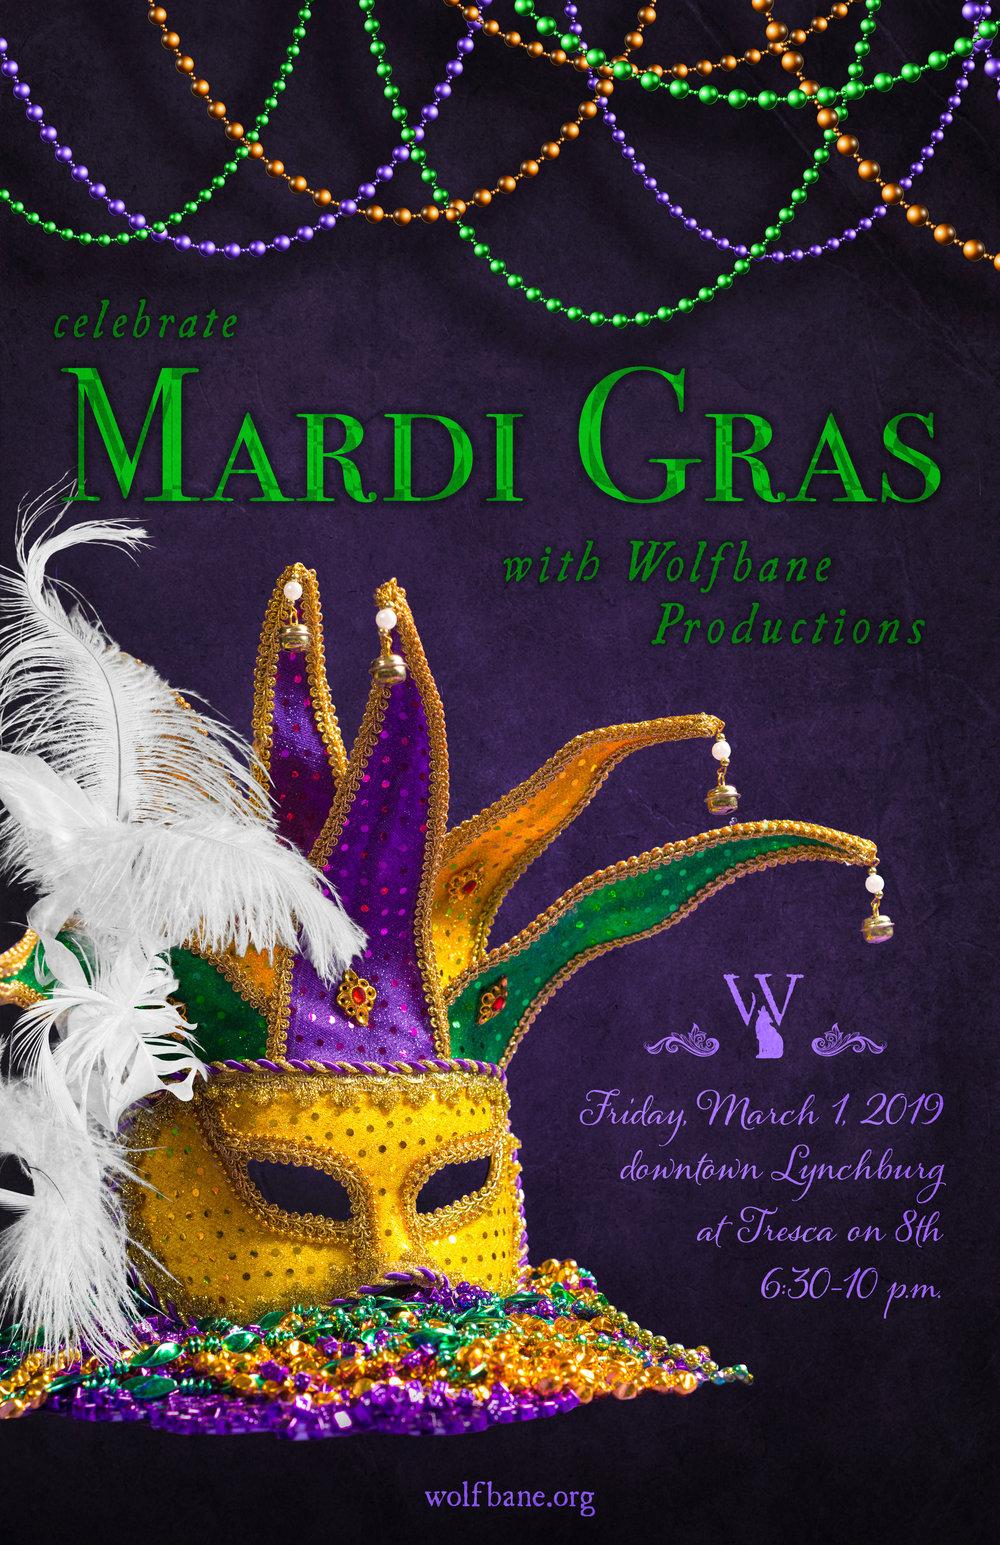 mardi-gras-poster3-full.jpg